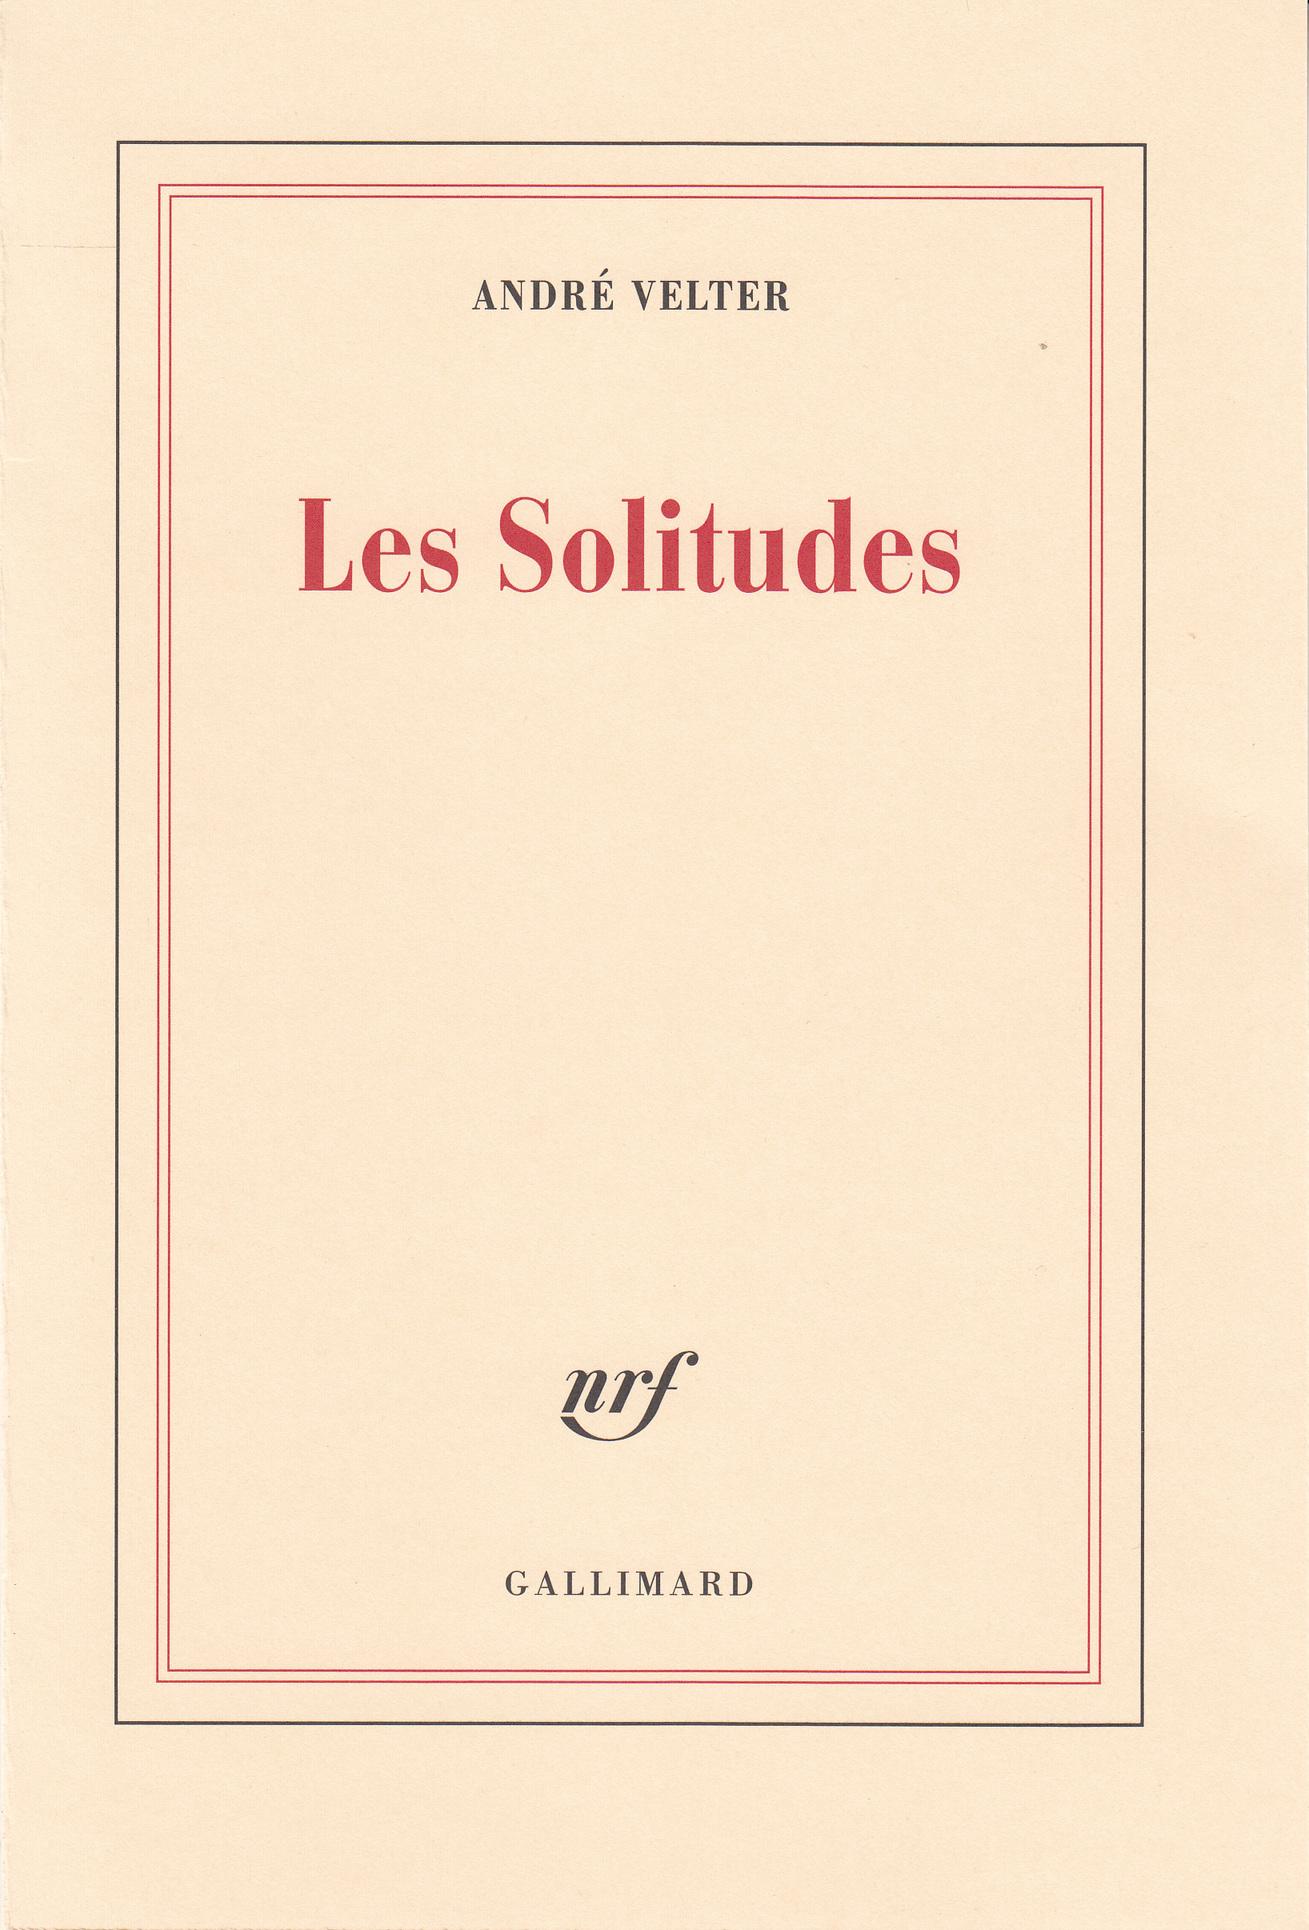 Les Solitudes